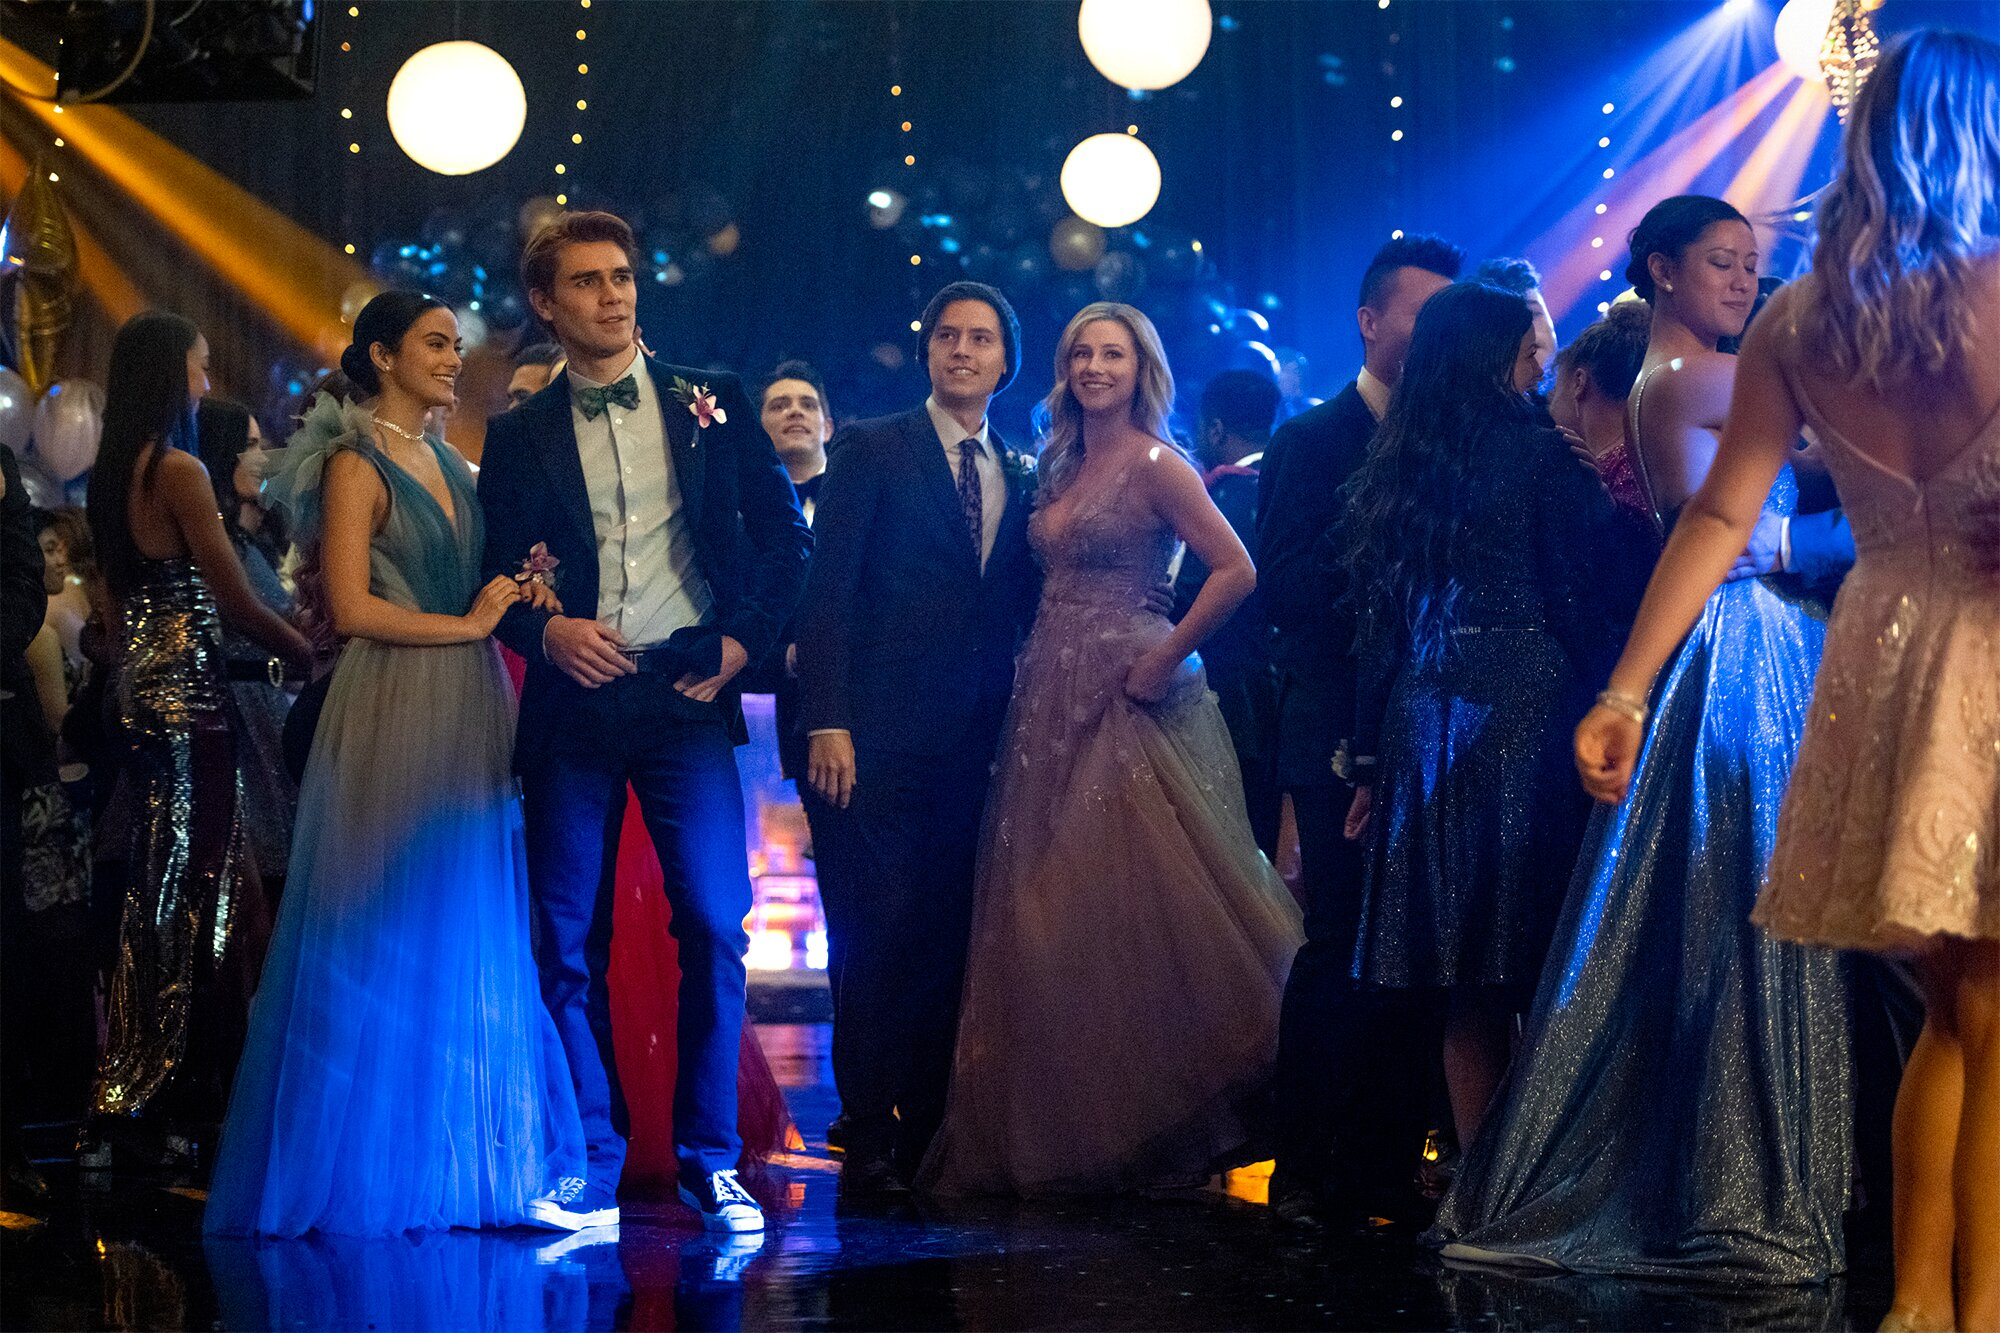 Riverdale season 6 Netflix